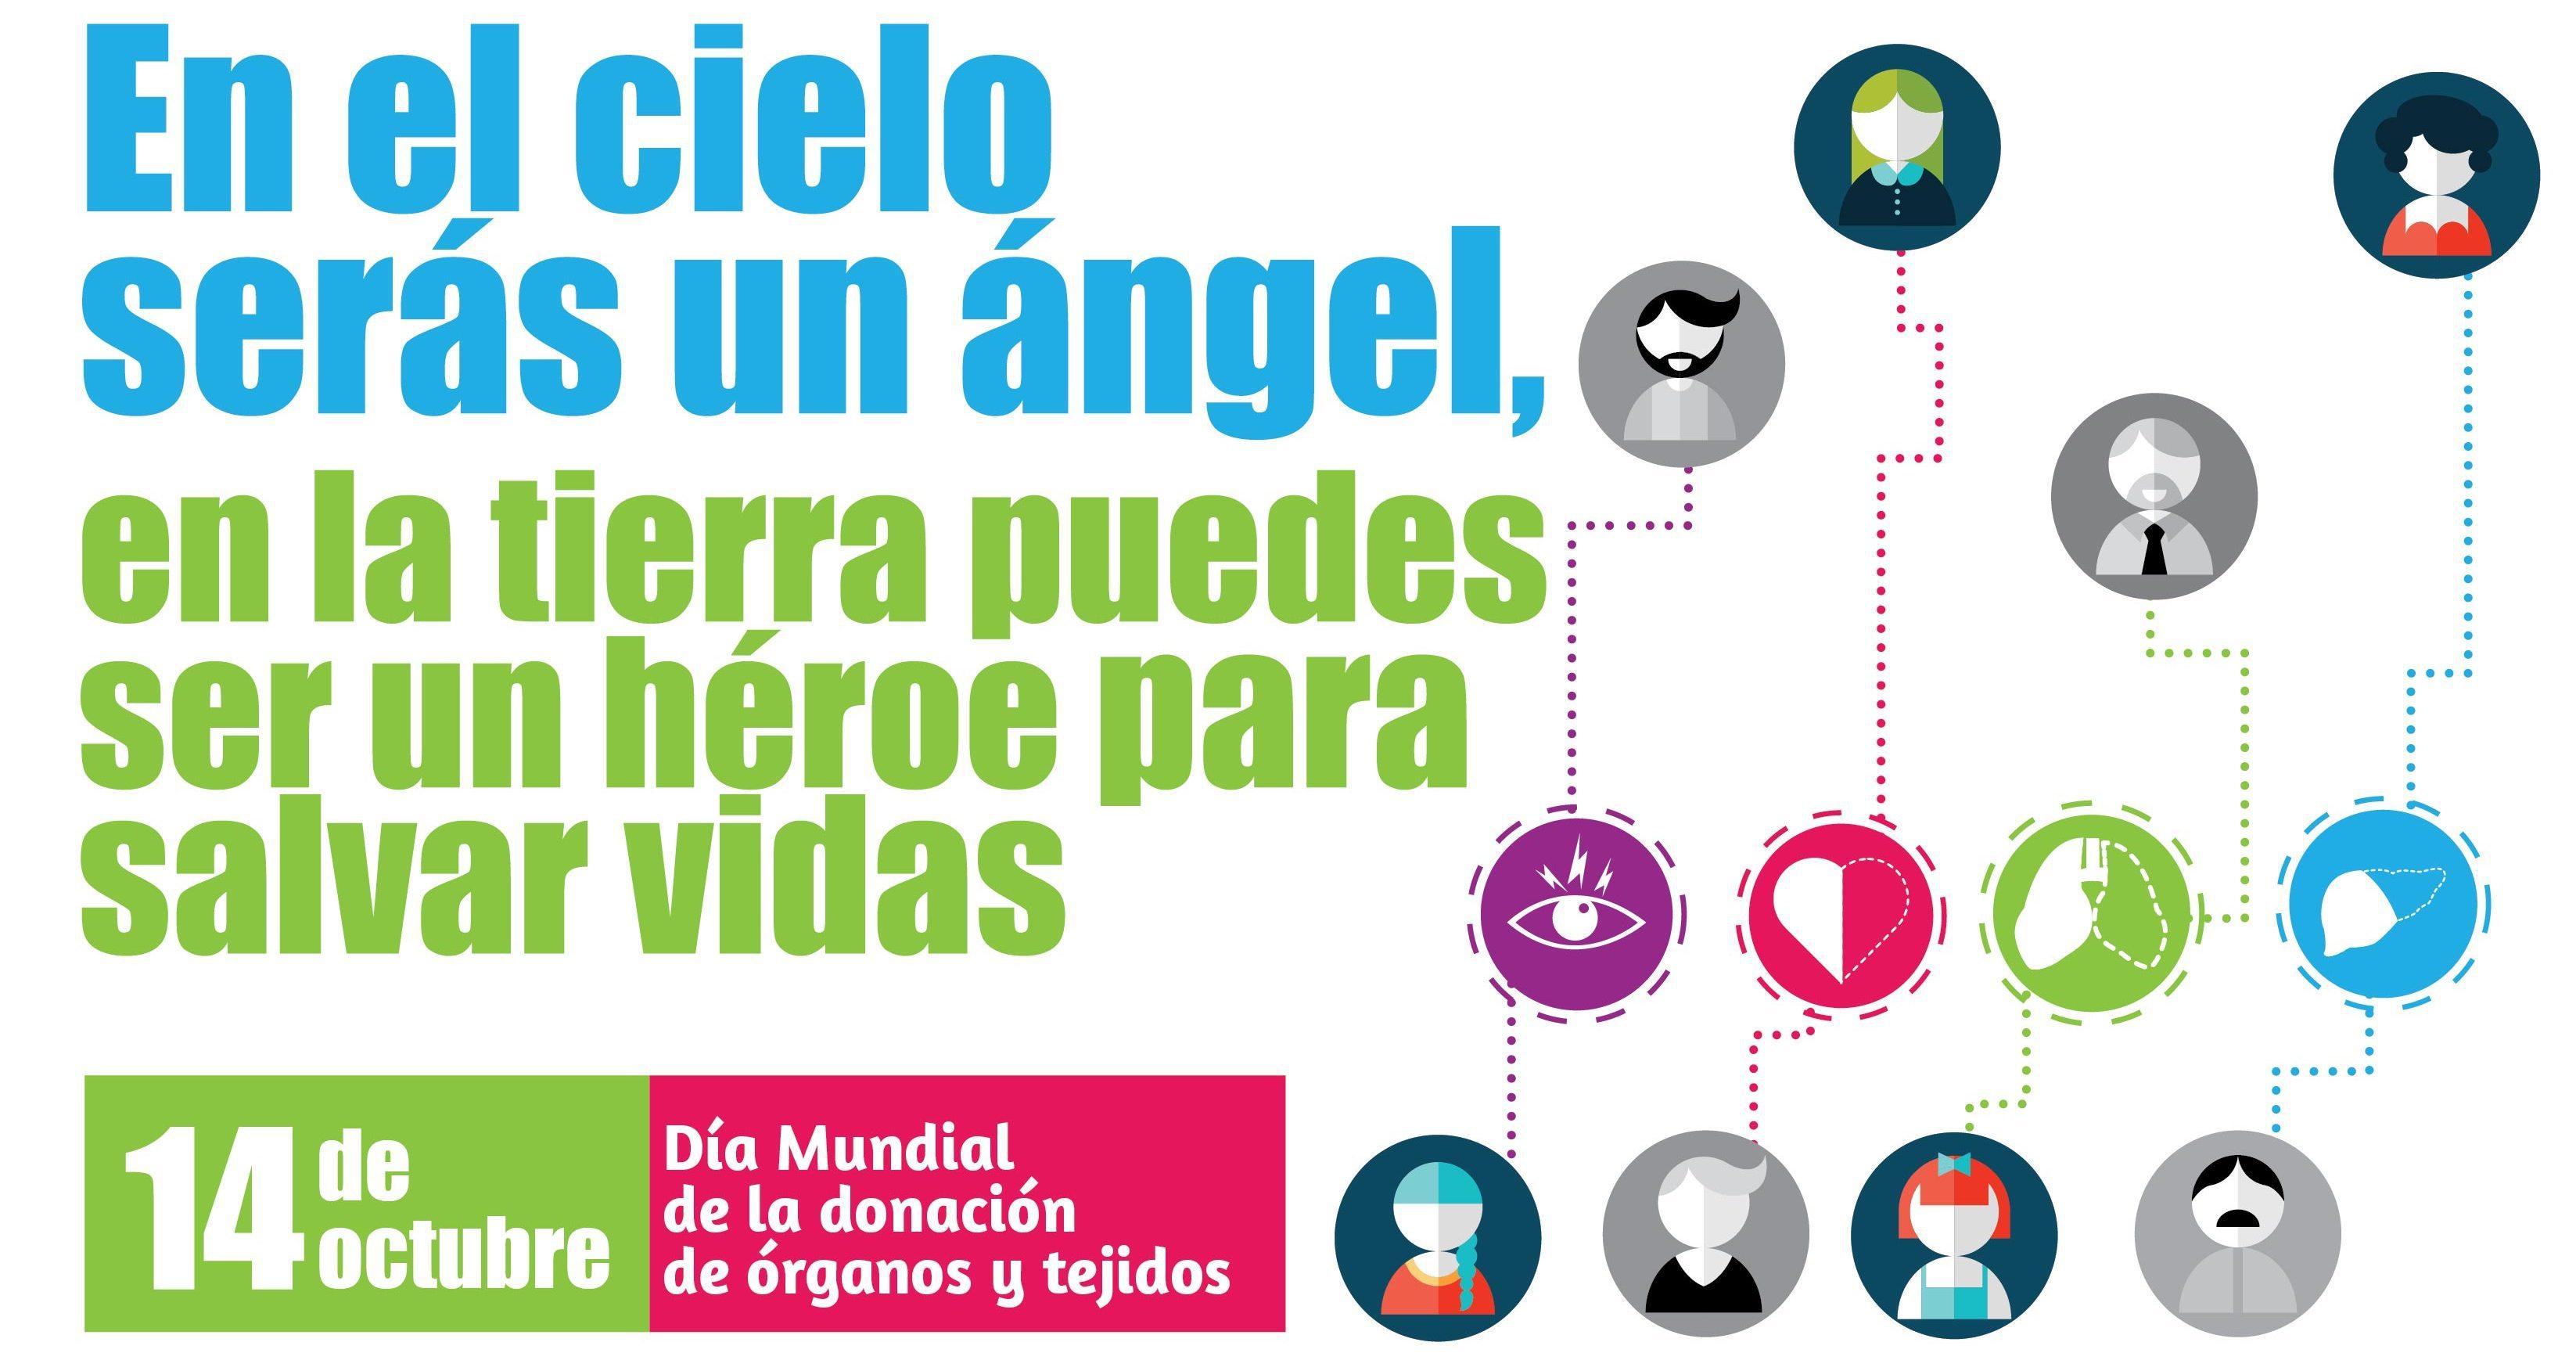 Día Mundial de la Donación de Organos y Tejidos